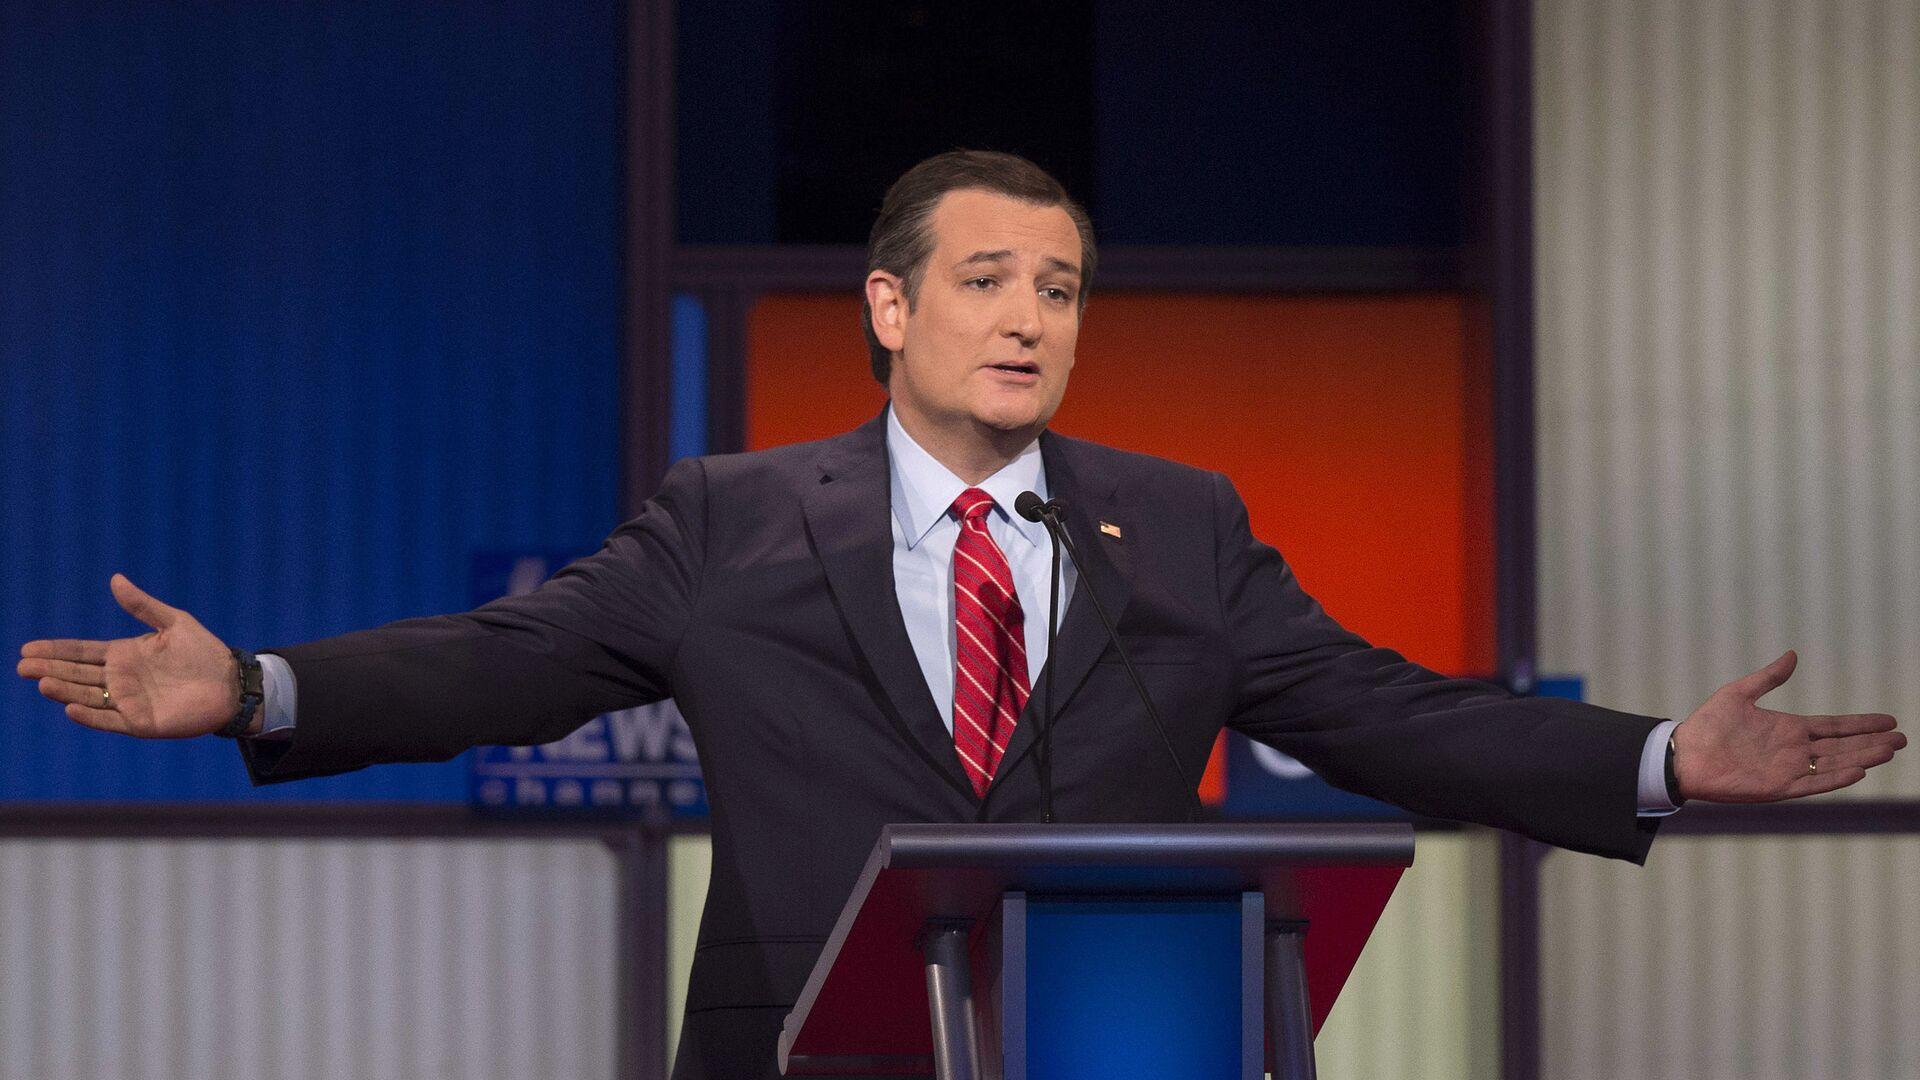 Ted Cruz v roce 2016 - Sputnik Česká republika, 1920, 23.07.2021